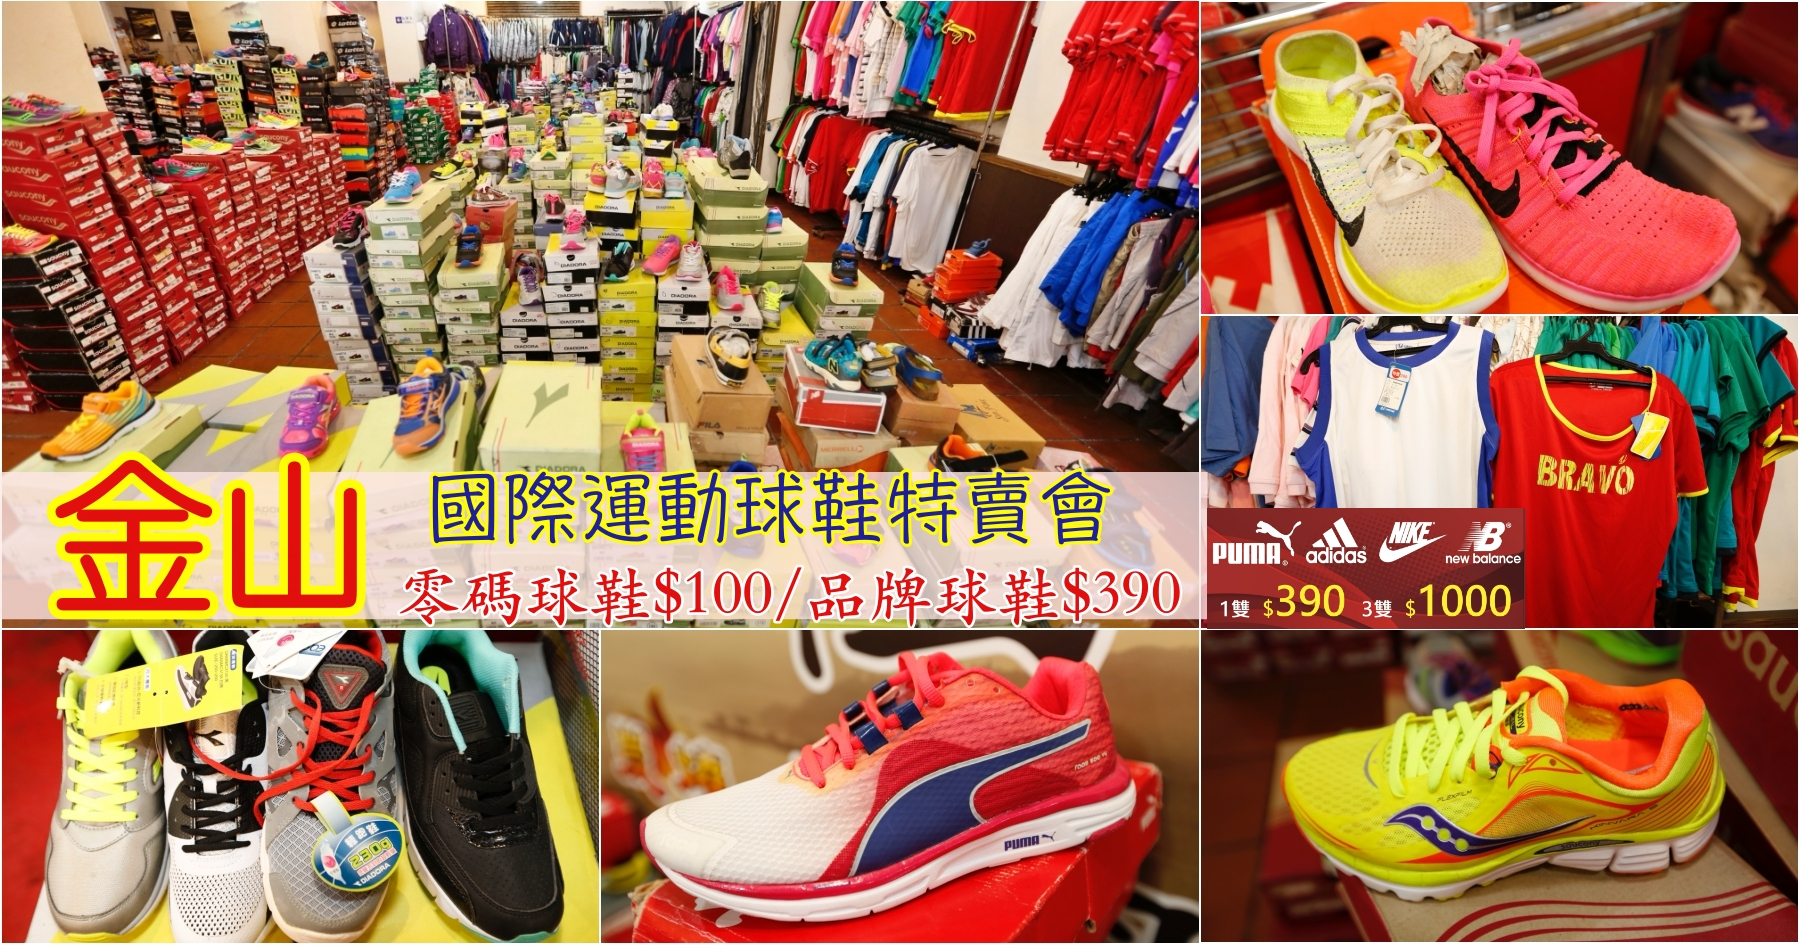 [金山特賣]國際品牌運動球鞋特賣會 挑戰最低價品牌鞋款一雙不留全面$390.零碼球鞋$100出清換現金 @VIVIYU小世界